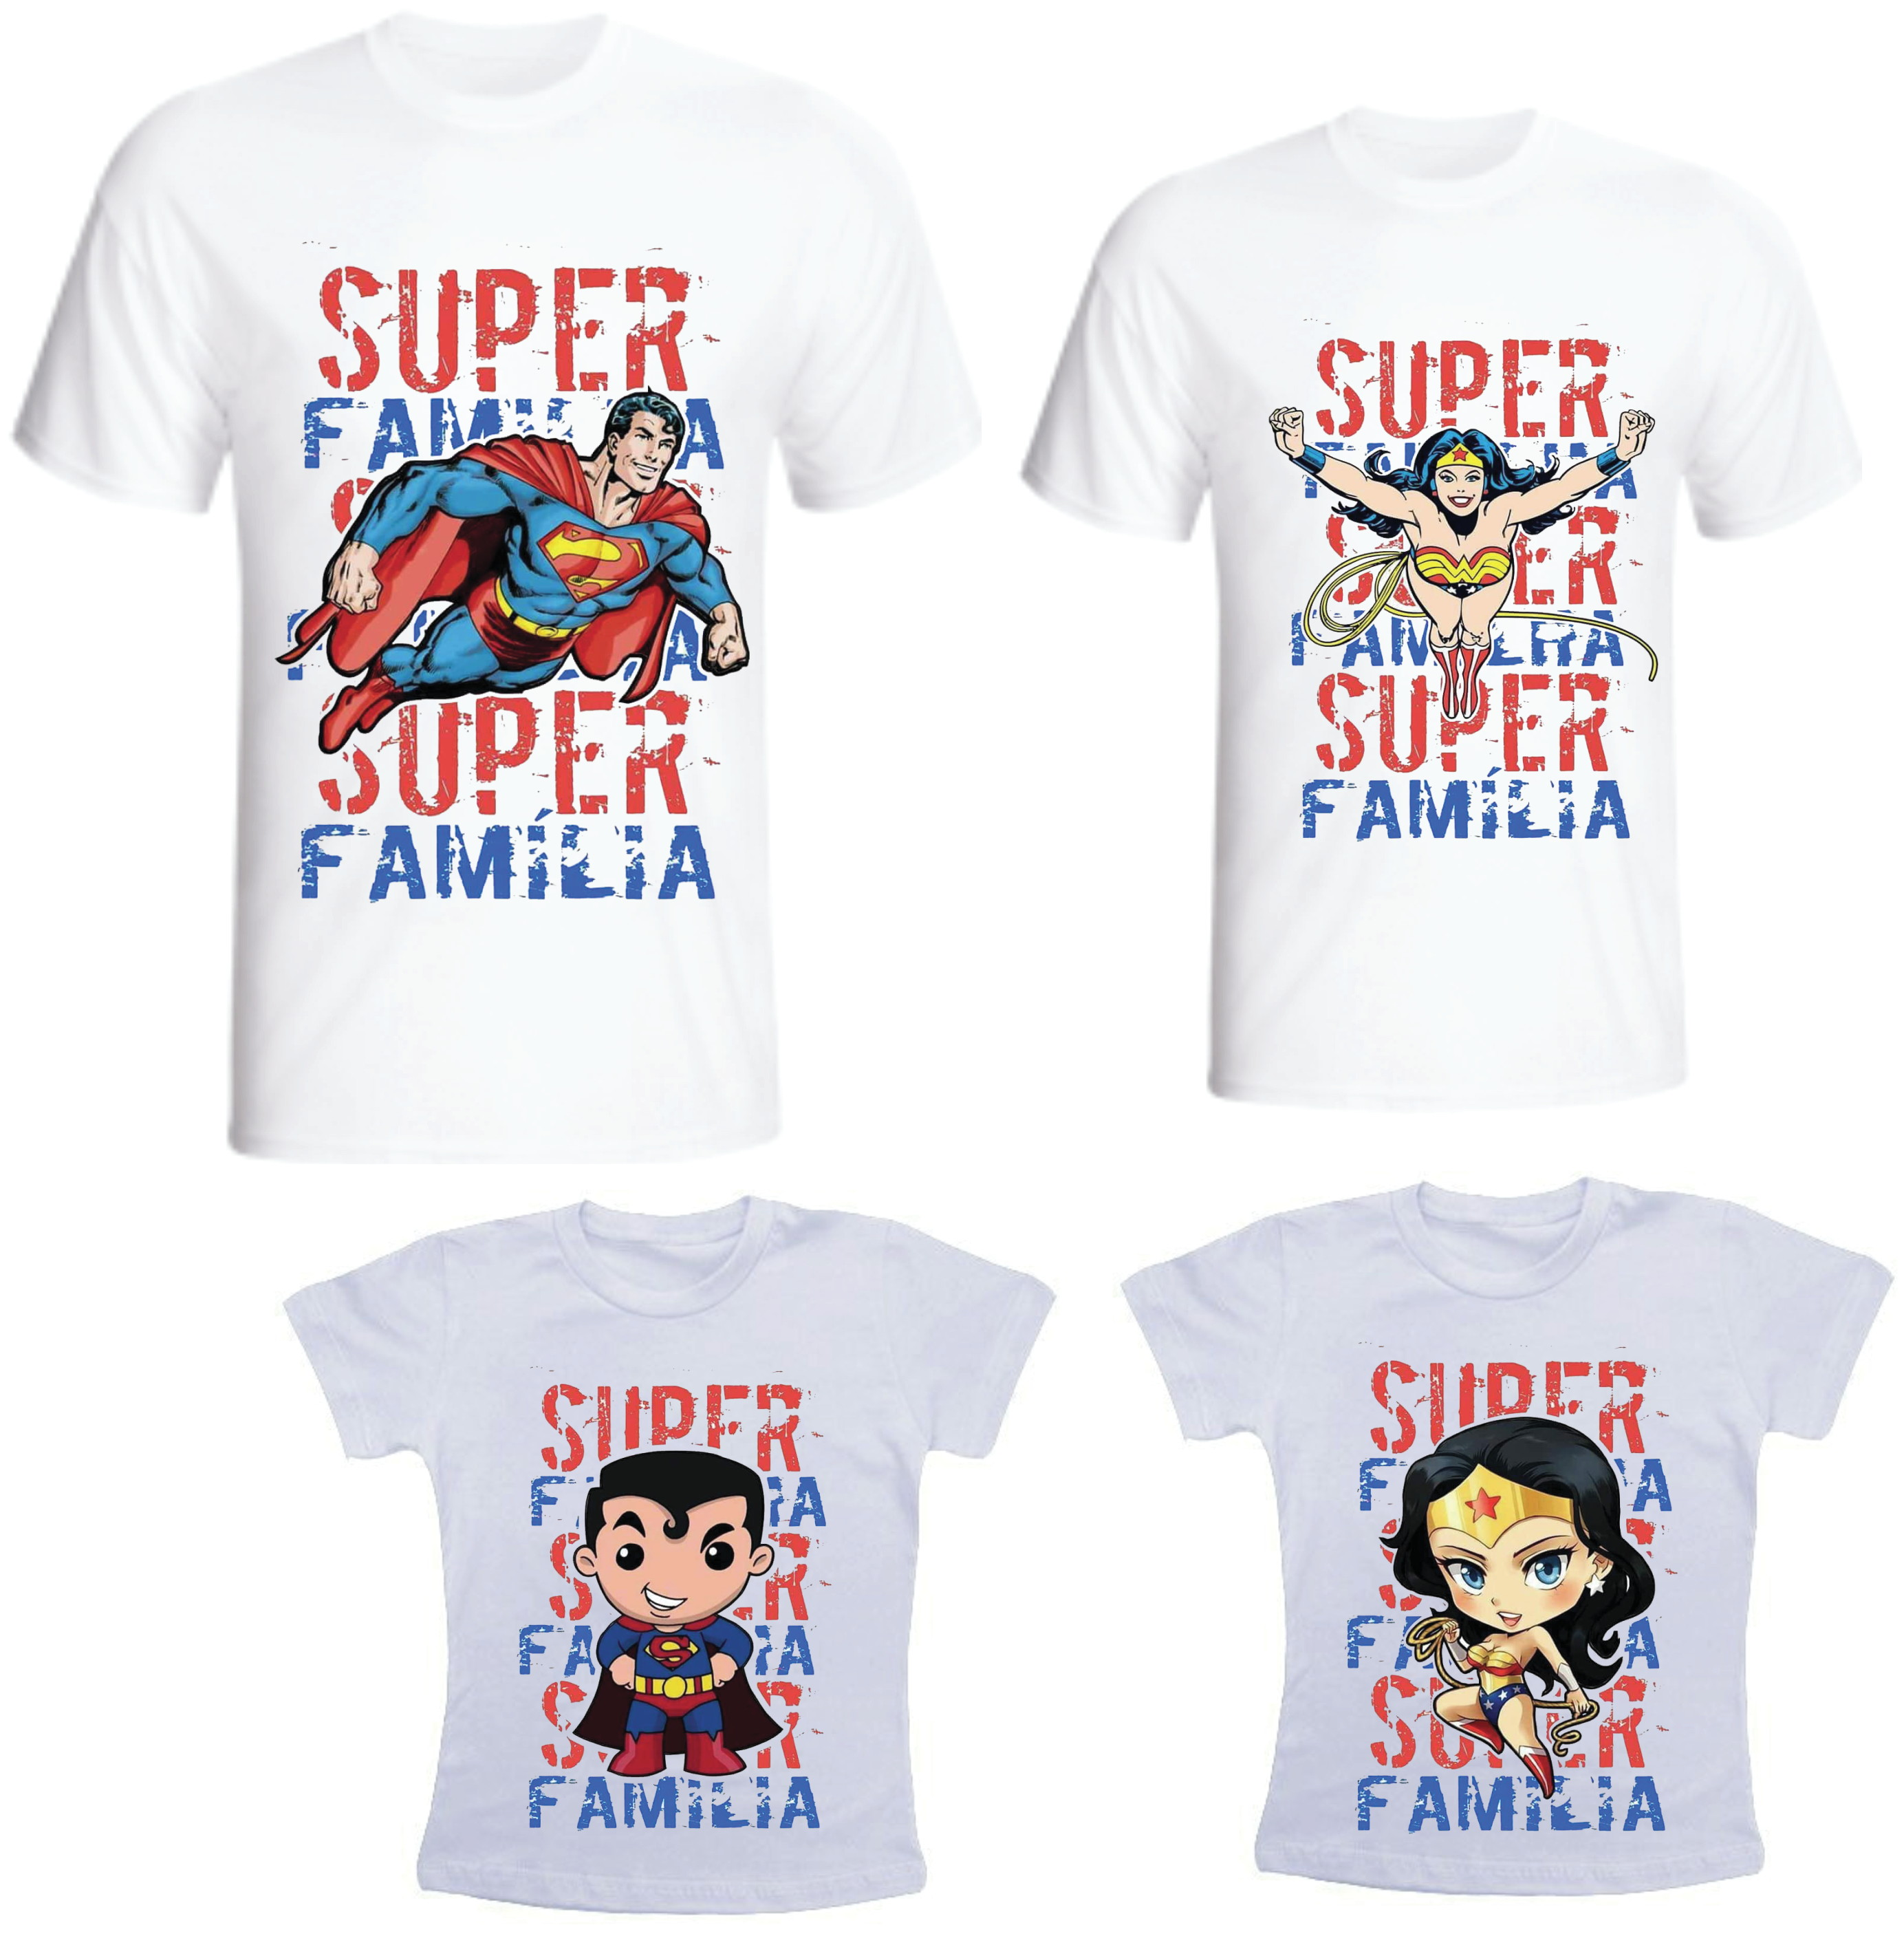 Camiseta Para Familia Elo7